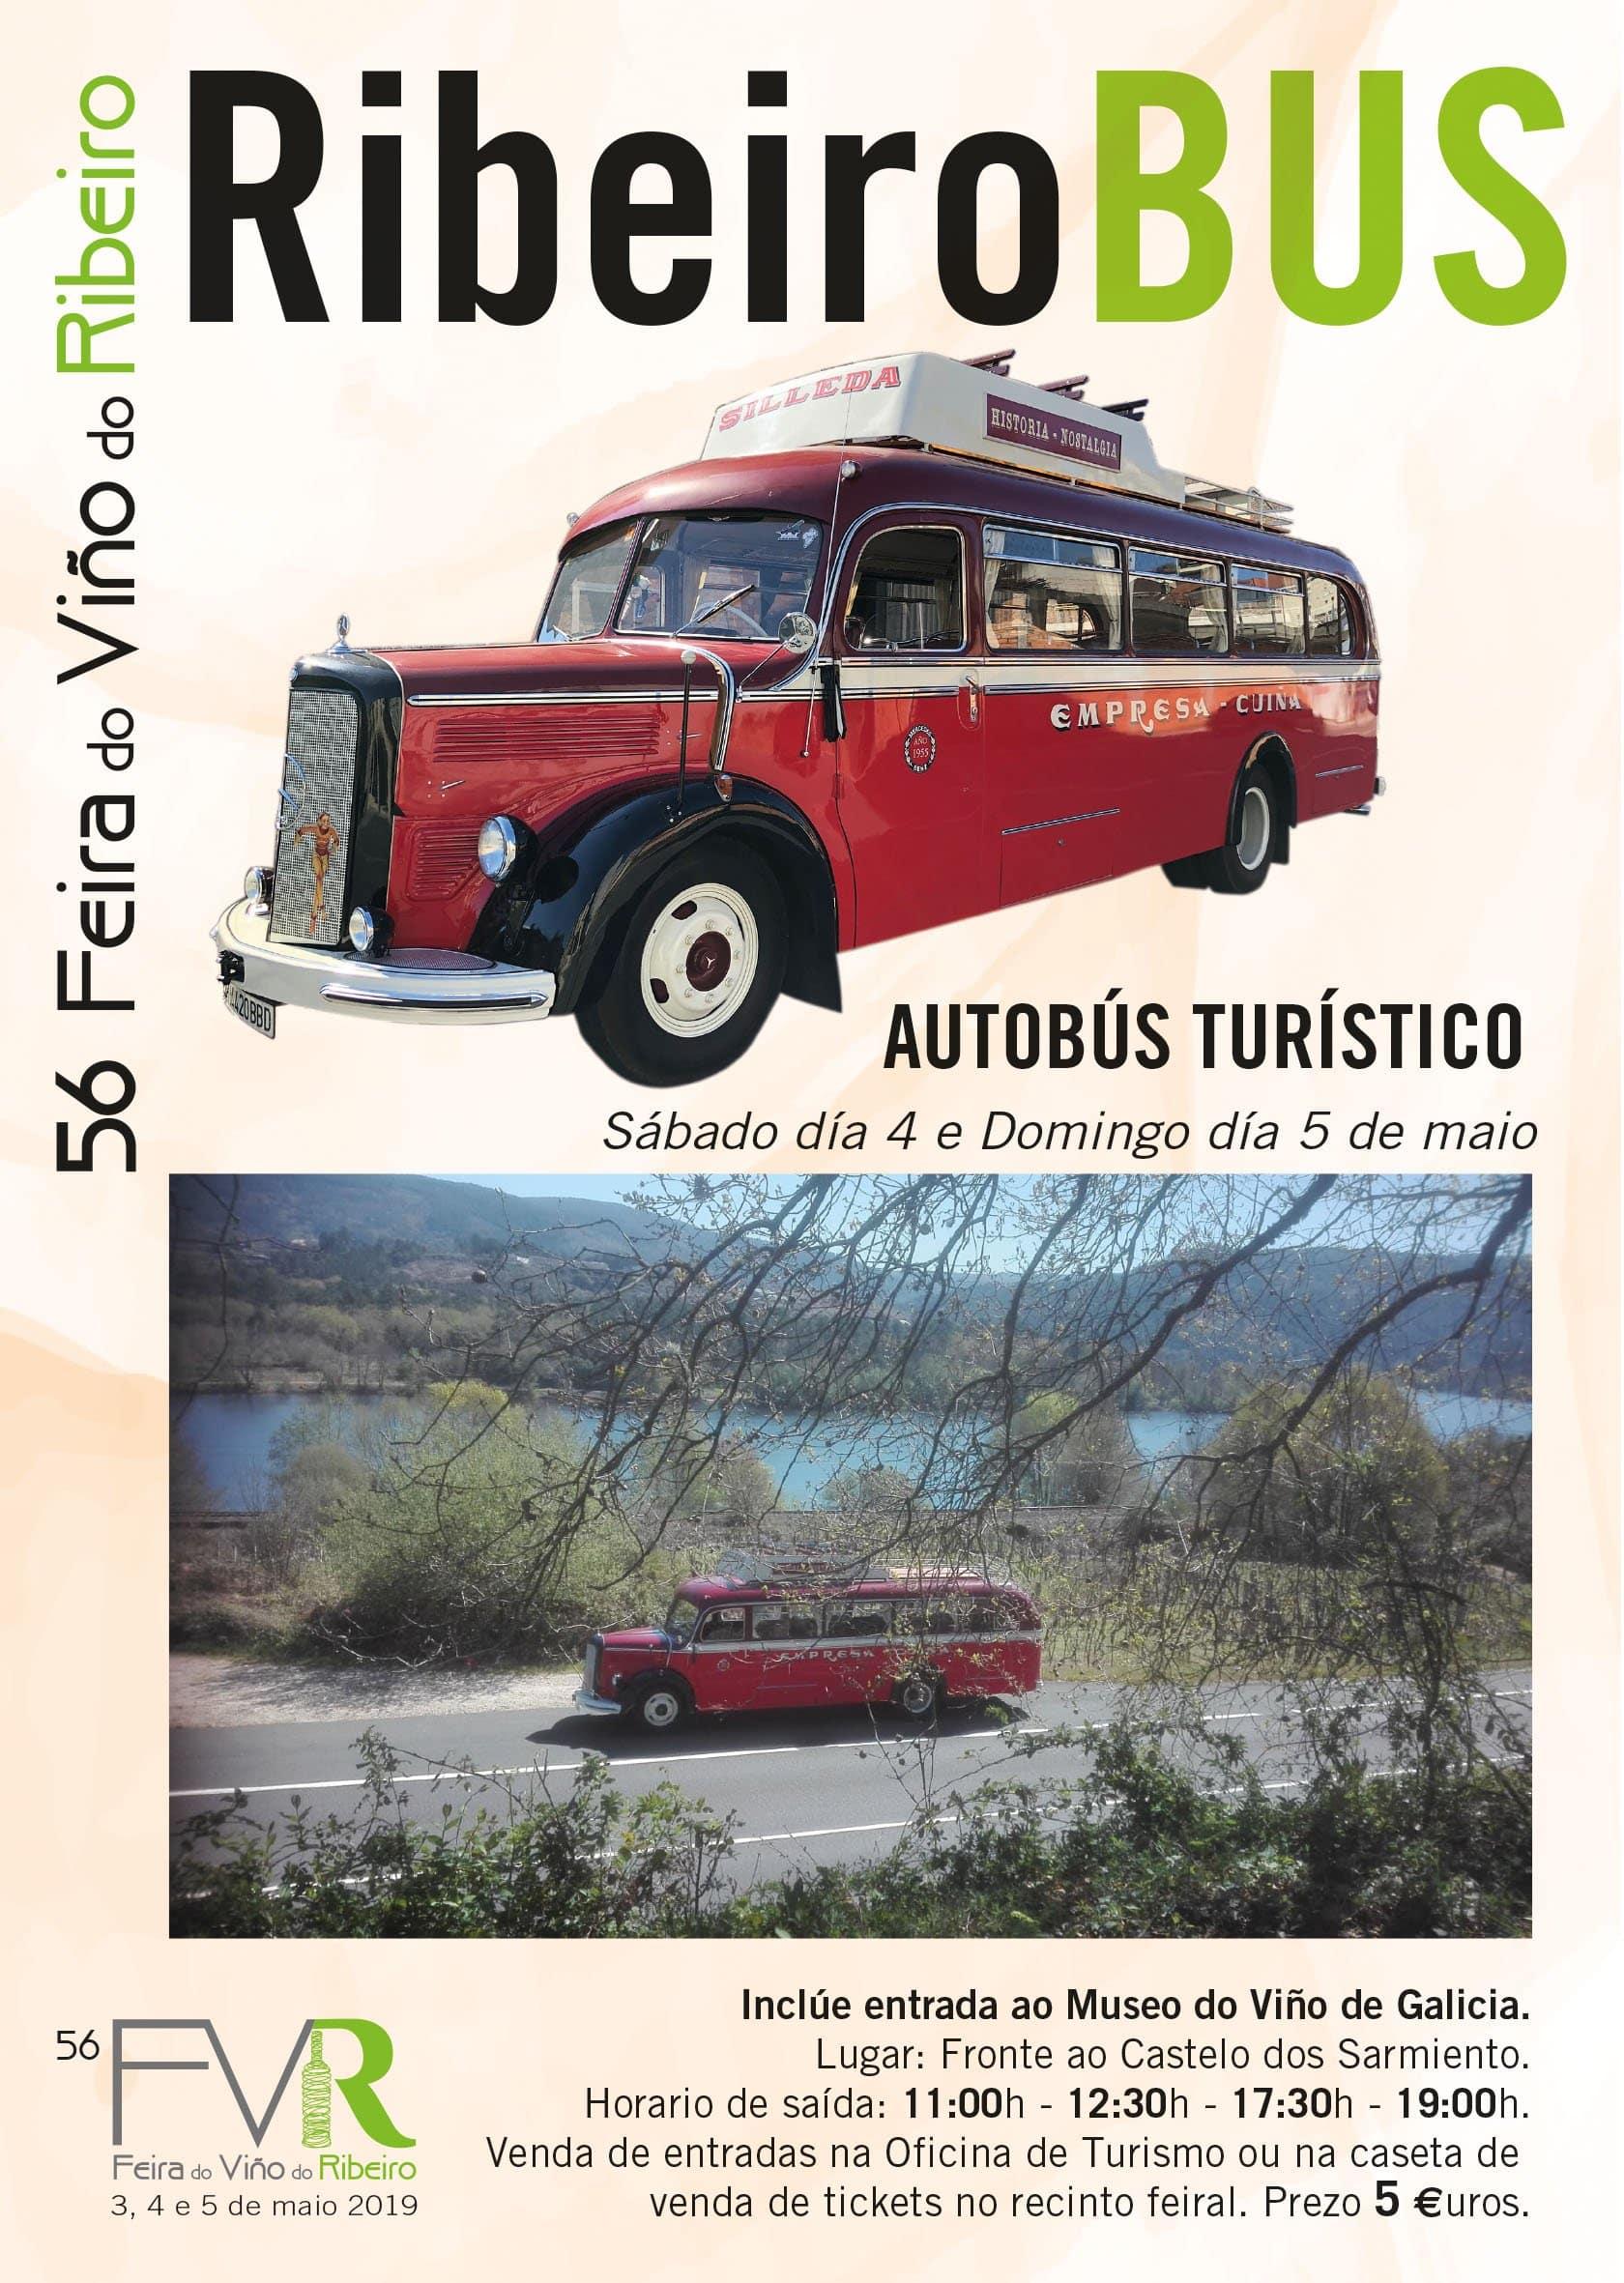 La Feira do Viño do Ribeiro presenta sus novedades para la presente edición